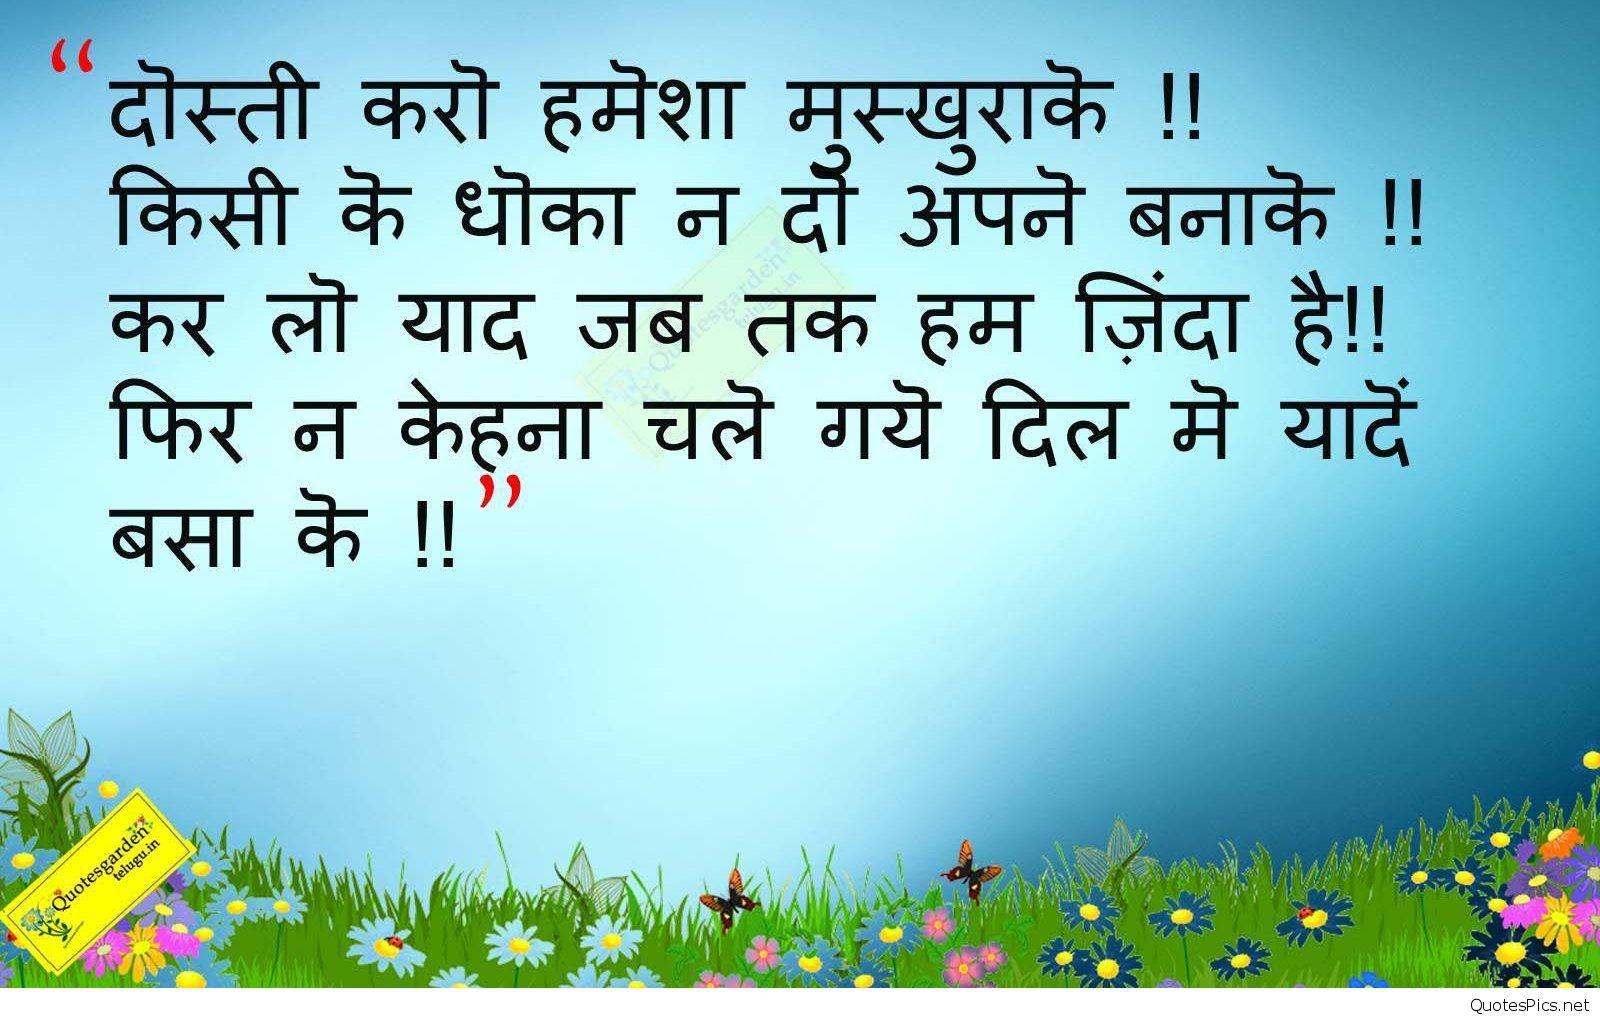 Best Hindi Shayari Best Hindi Quotes Suvichaar Best Inspirational